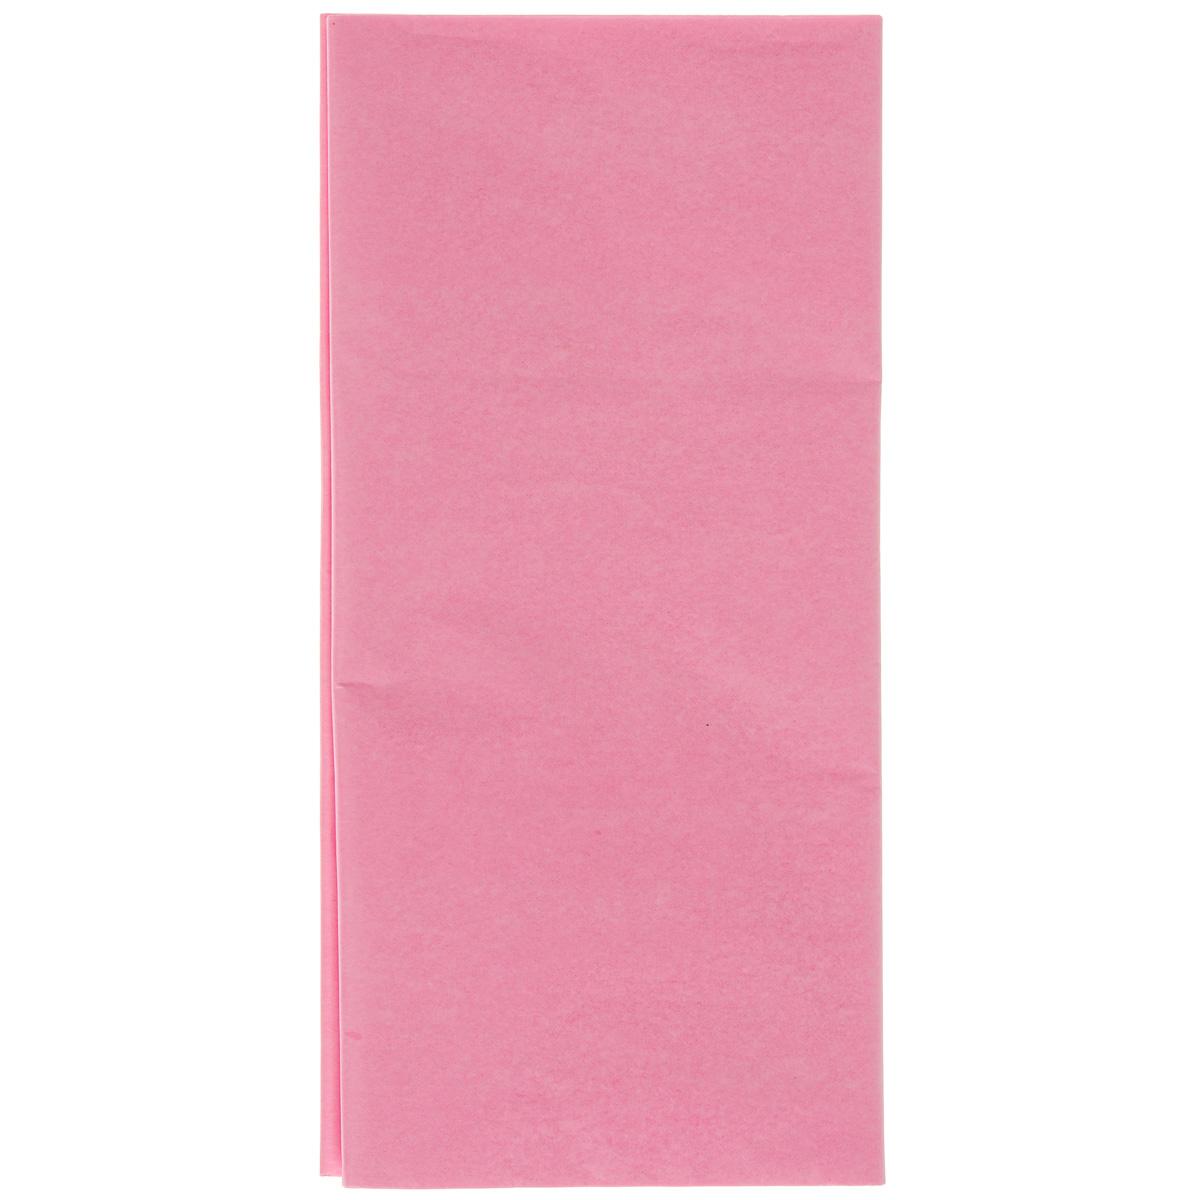 Бумага папиросная Folia, цвет: светло-розовый (22), 50 х 70 см, 5 листов. 7708123_227708123_22Бумага папиросная Folia - это великолепная тонкая и эластичная декоративная бумага. Такая бумага очень хороша для изготовления своими руками цветов и букетов с конфетами, топиариев, декорирования праздничных мероприятий. Также из нее получается шикарная упаковка для подарков. Интересный эффект дает сочетание мягкой полупрозрачной фактуры папиросной бумаги с жатыми и матовыми фактурами: креп-бумагой, тутовой и различными видами картона. Бумага очень тонкая, полупрозрачная - поэтому ее можно оригинально использовать в декоре стекла, светильников и гирлянд. Достаточно большие размеры листа и богатая цветовая палитра дают простор вашей творческой фантазии. Размер листа: 50 см х 70 см.Плотность: 20 г/м2.